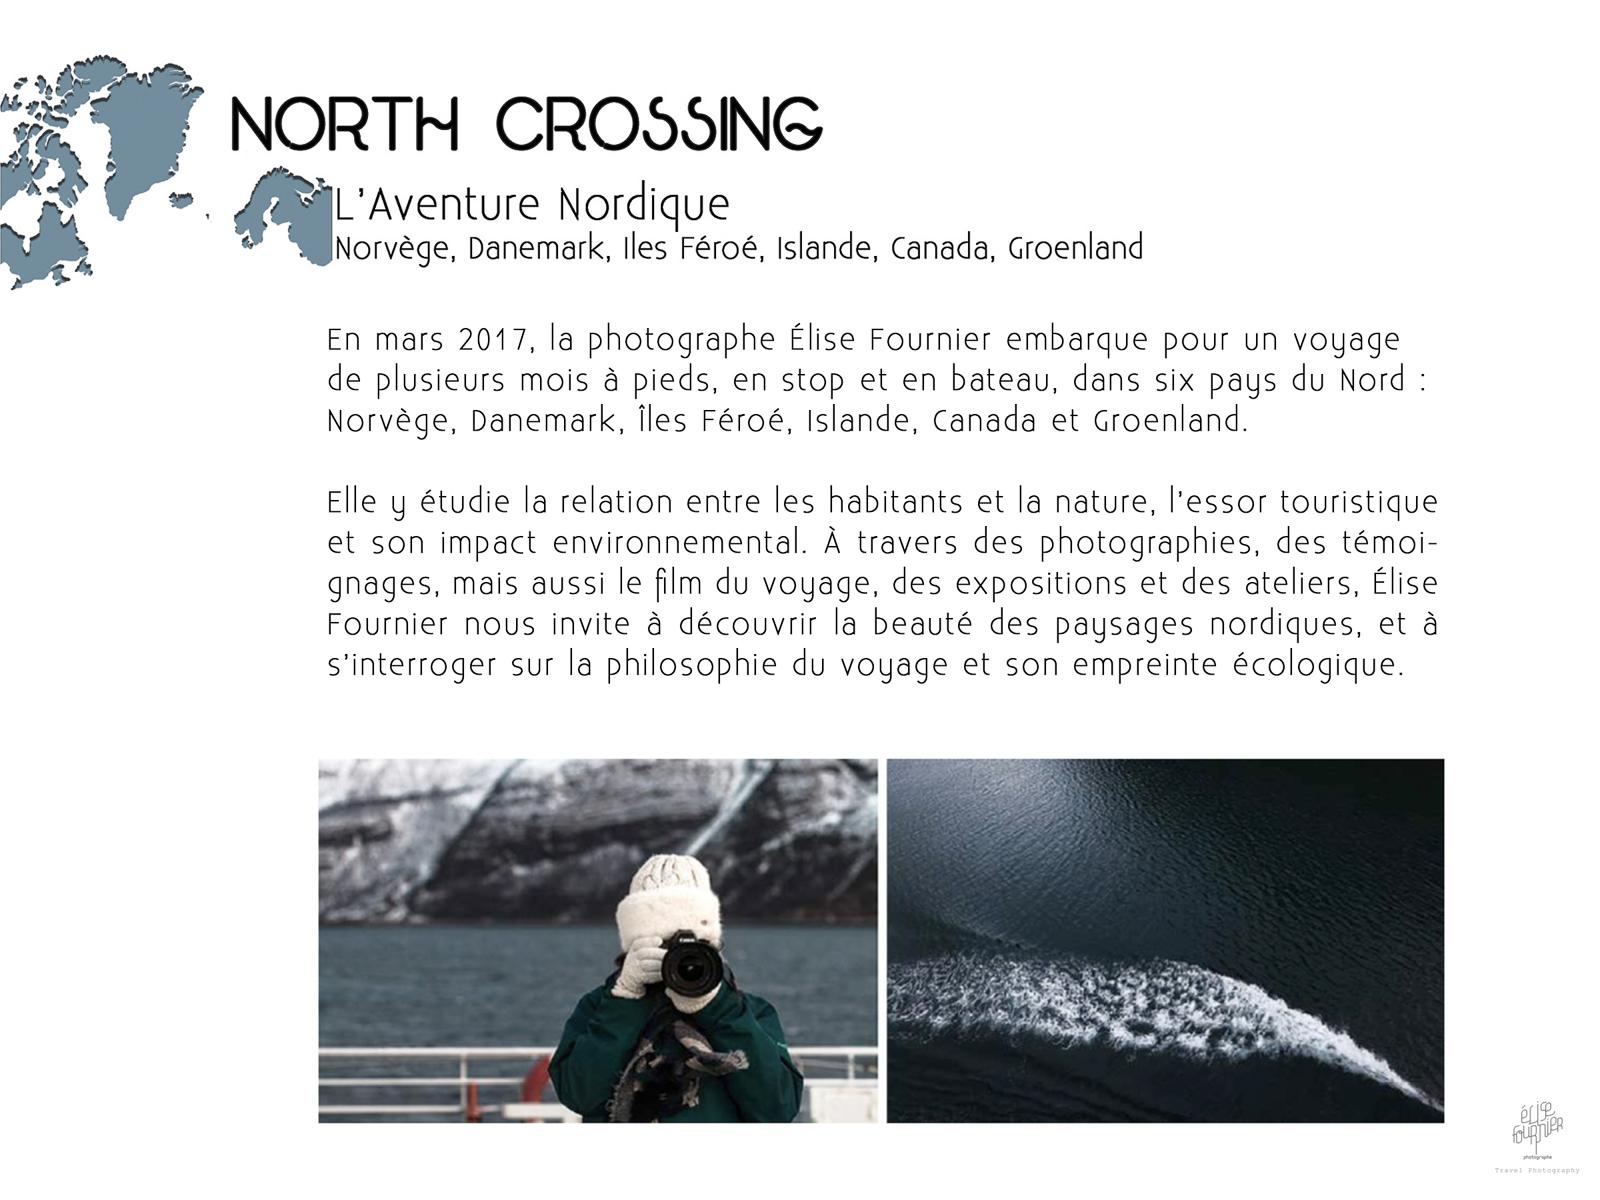 North Crossing reportage photographique par Elise Fournier Photographe